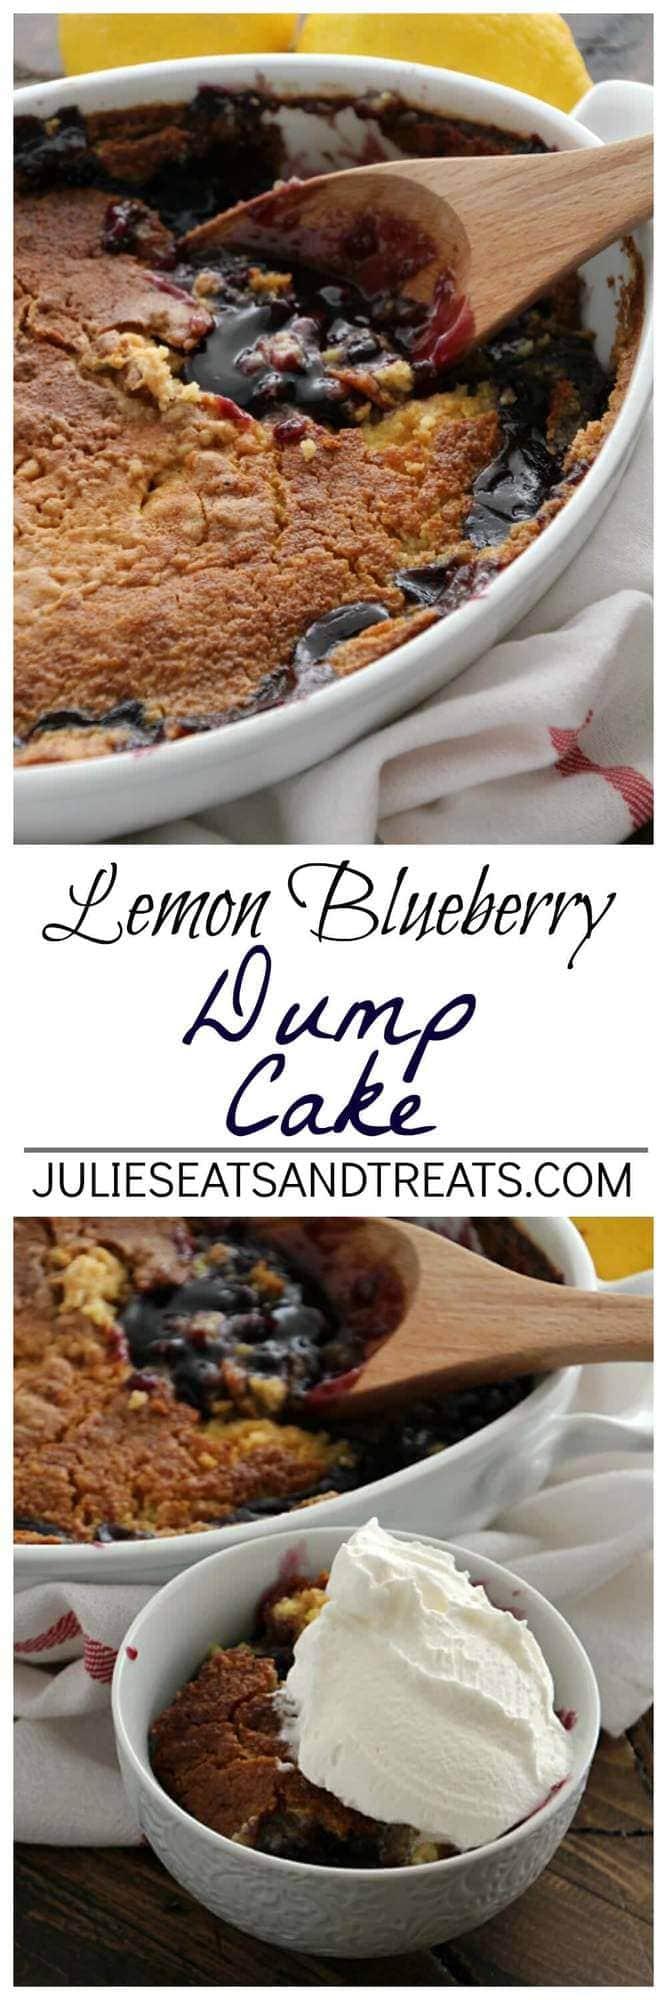 Lemon Dump Cake With Blueberries